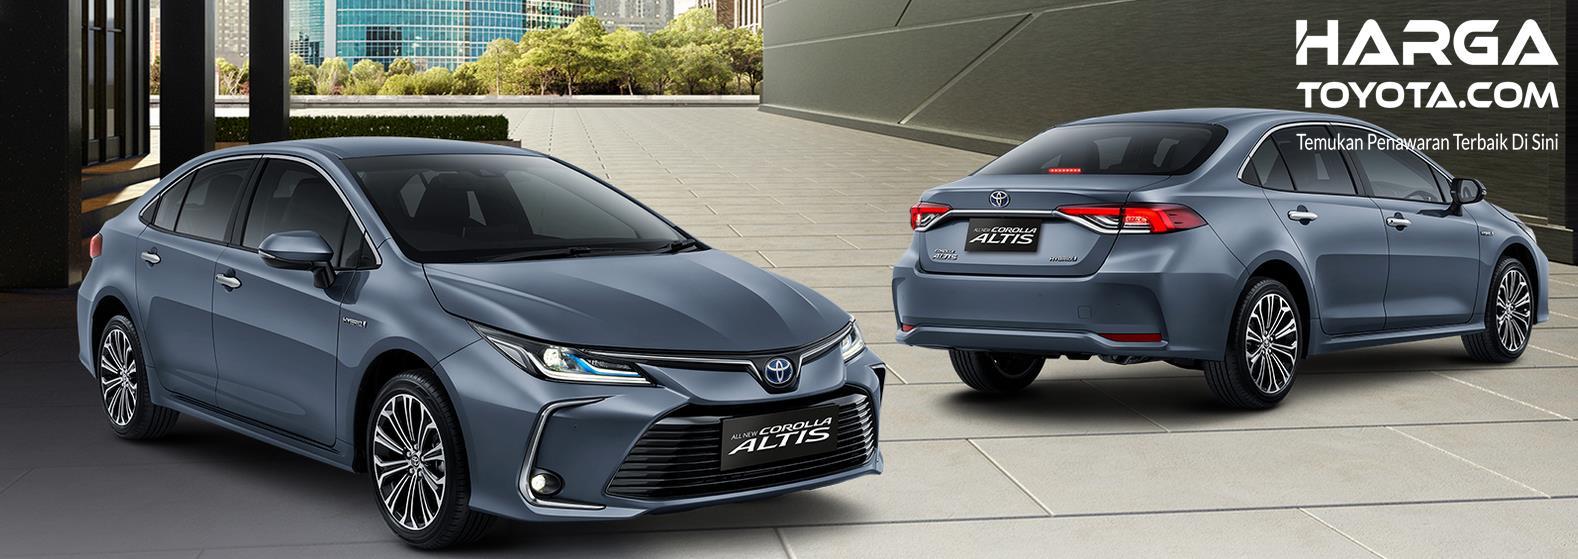 Gambar ini menunjukkan mobil Toyota Corolla Altis versi Hybrid